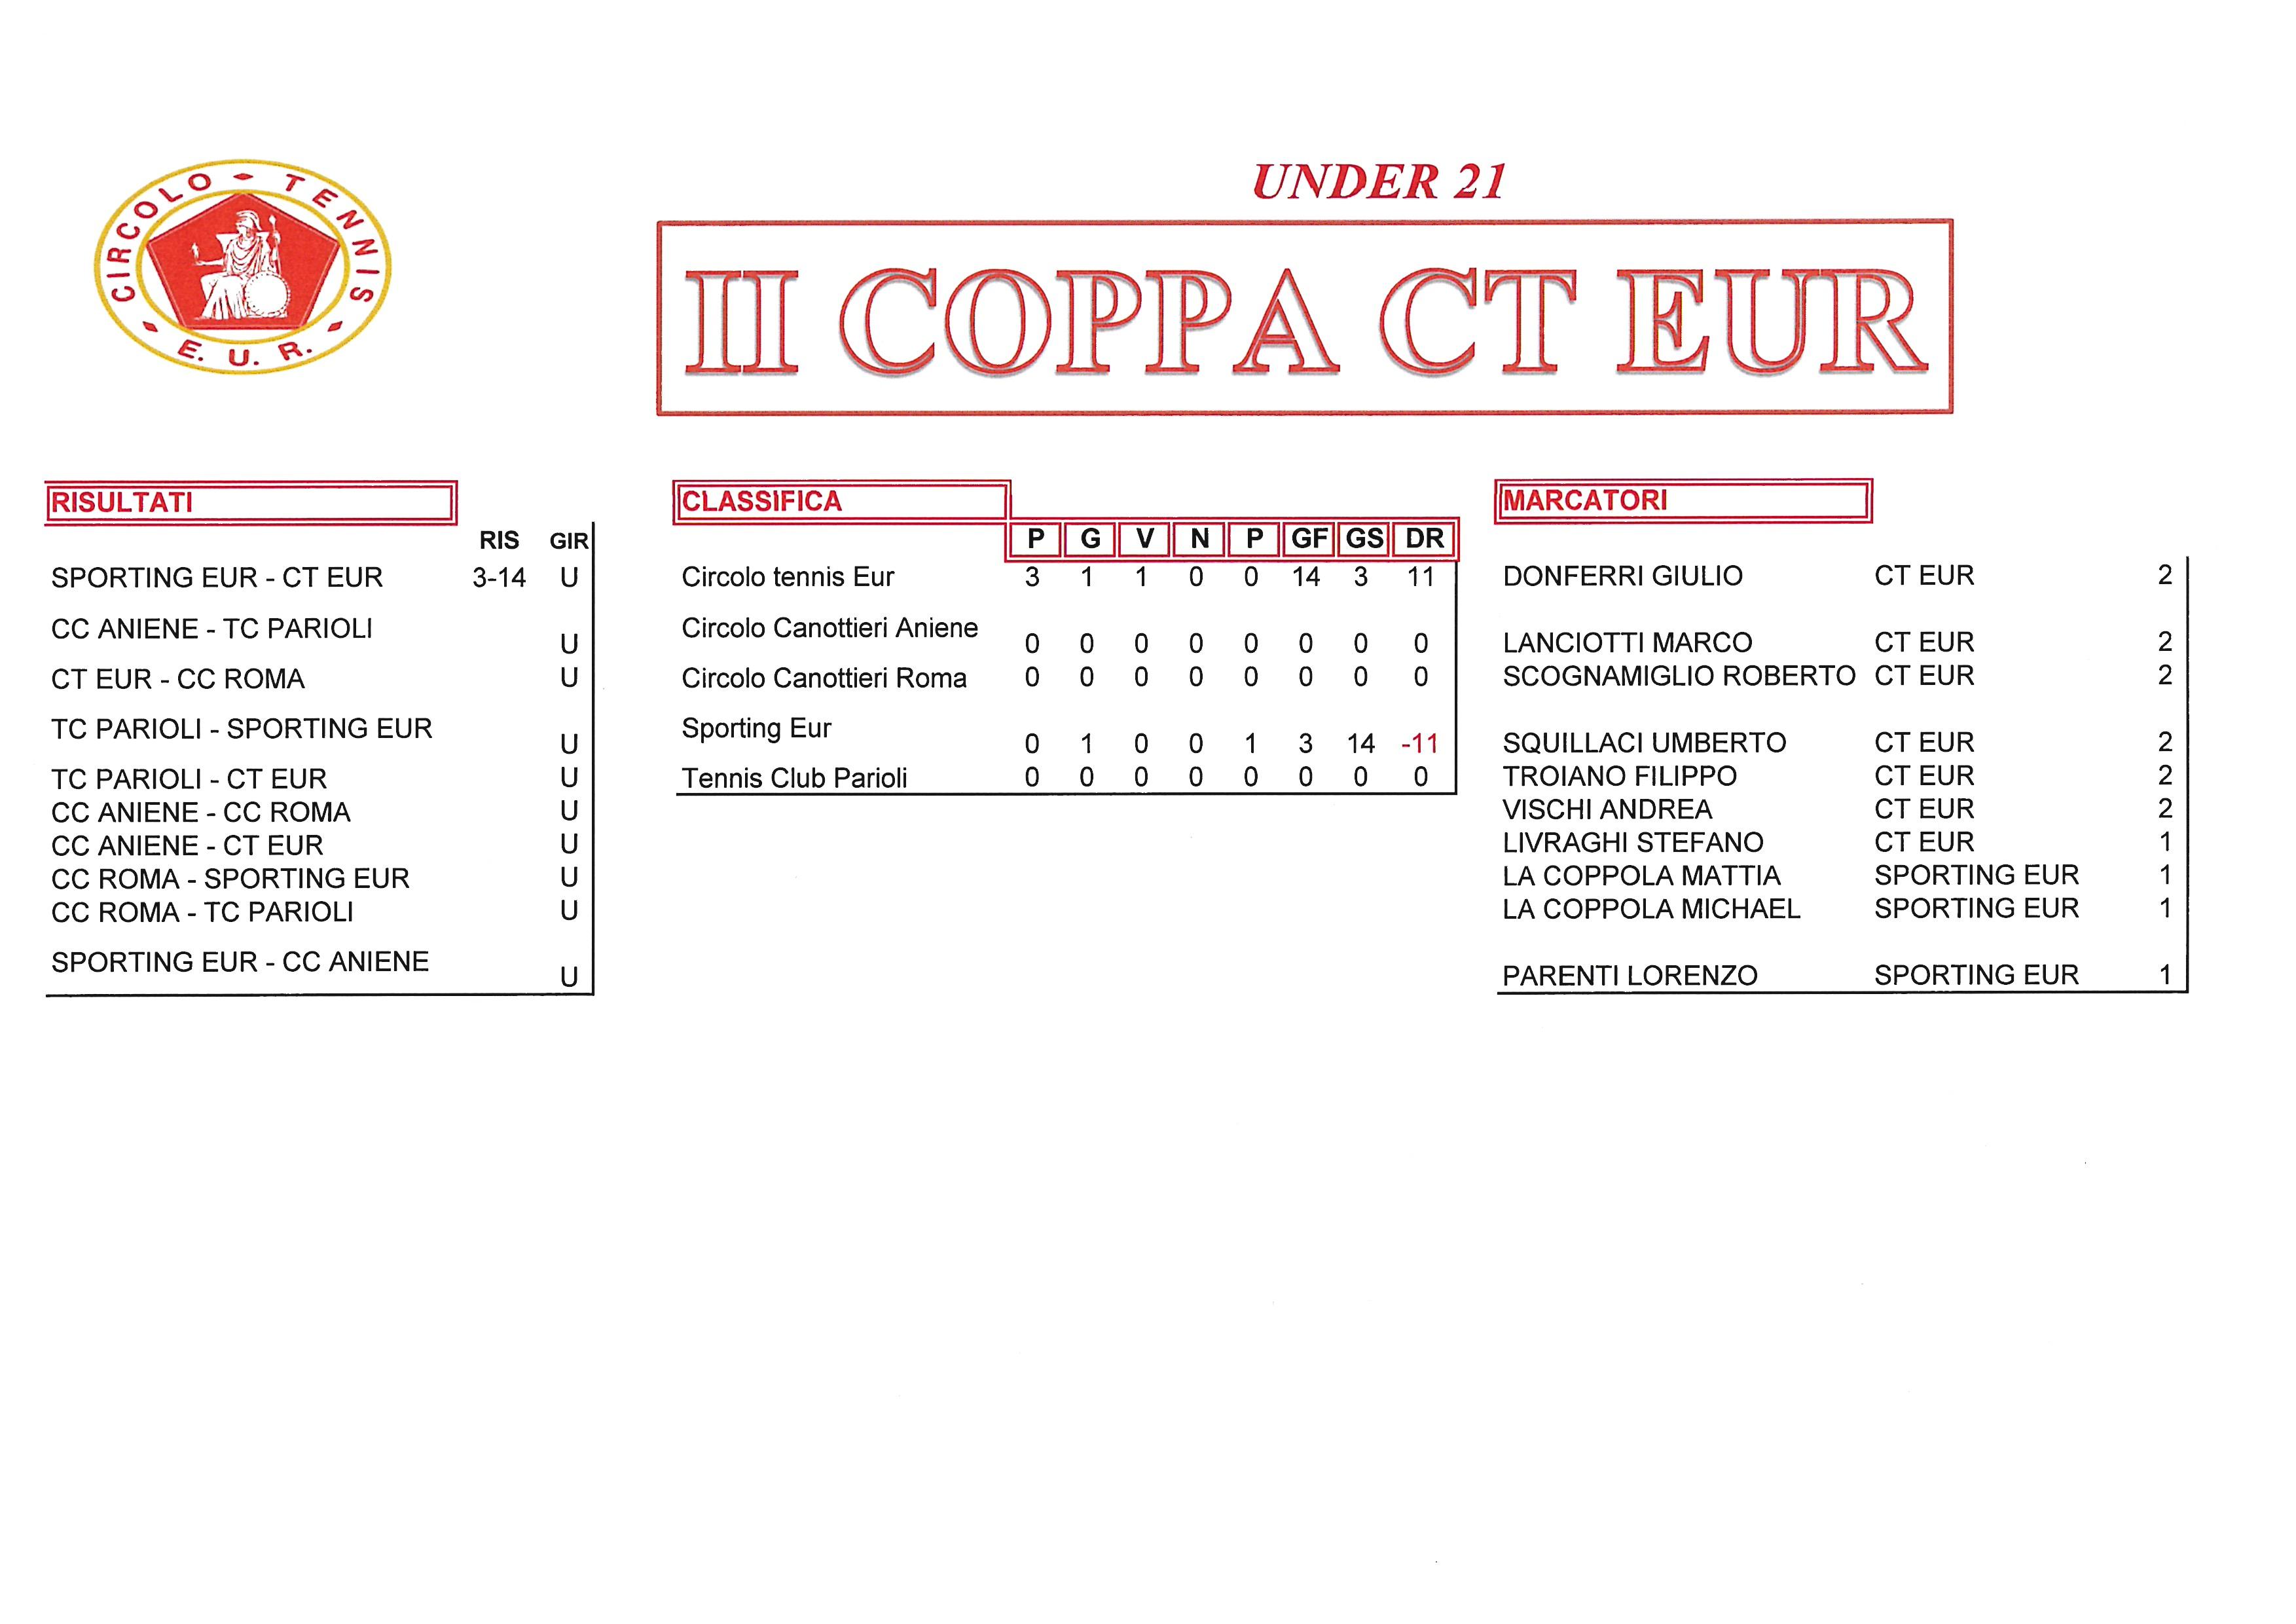 Coppa-CT-Eur-risultati-del-22-settembre2017-Under-21